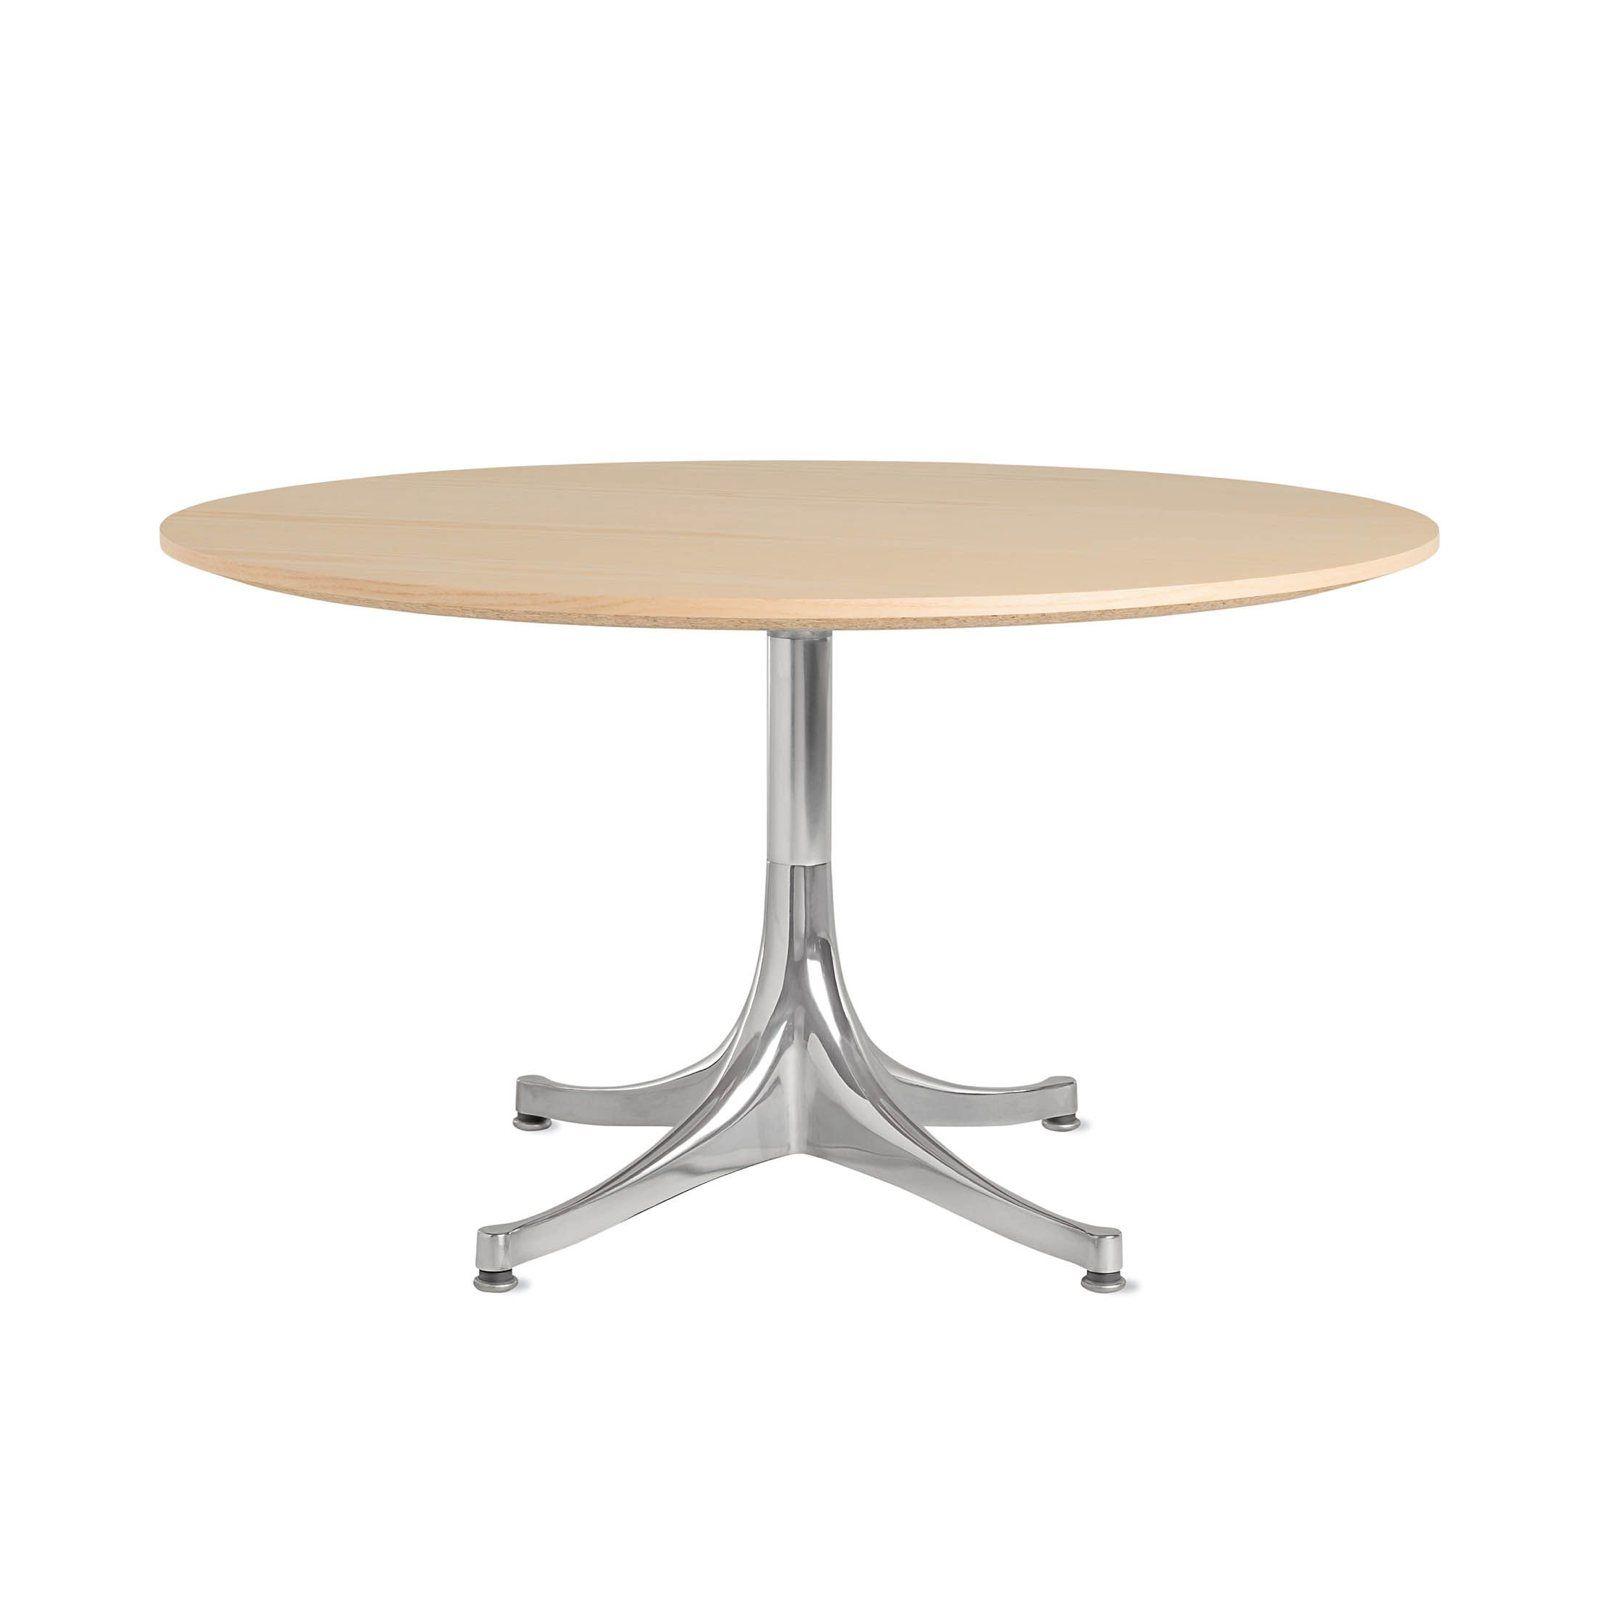 herman miller nelson pedestal table